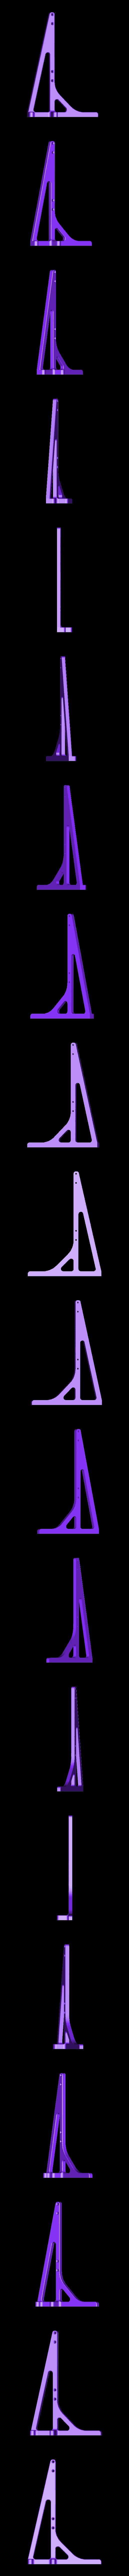 Stand_Left.stl Download STL file Hand Free Sanitizer Dispenser • 3D print object, Osprey